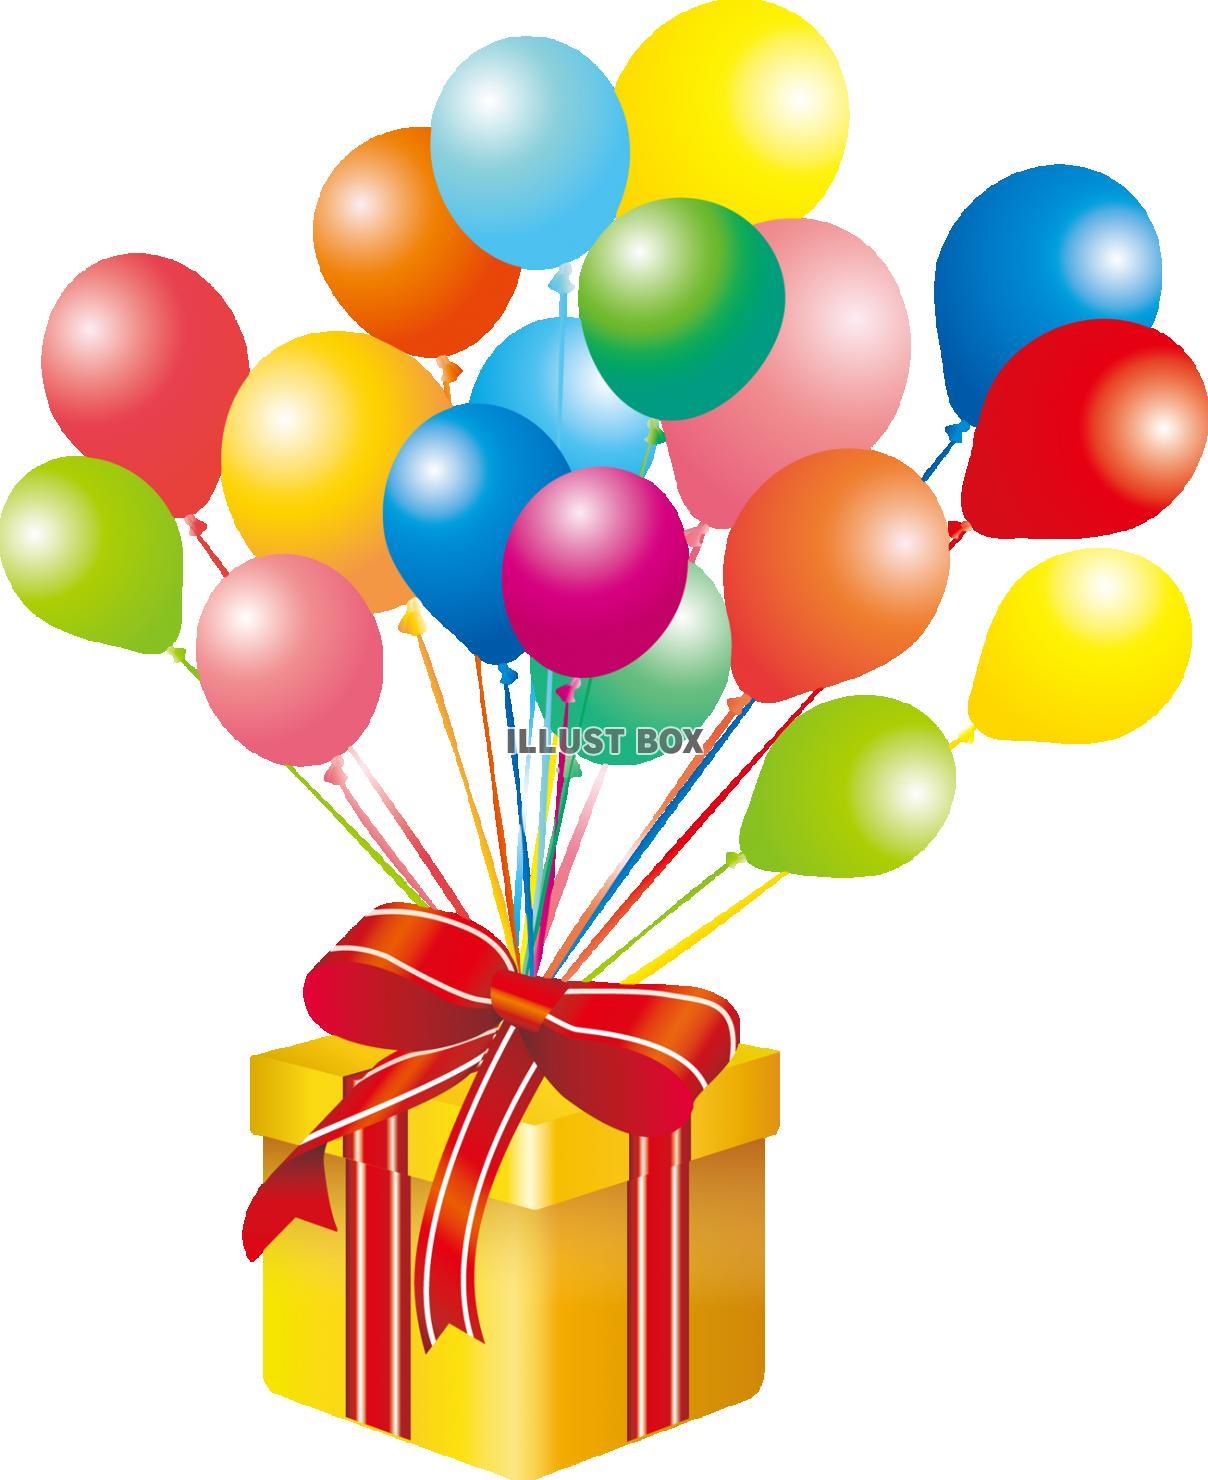 無料イラスト 風船イラスト飾り誕生日ギフトボックス箱プレゼント箱